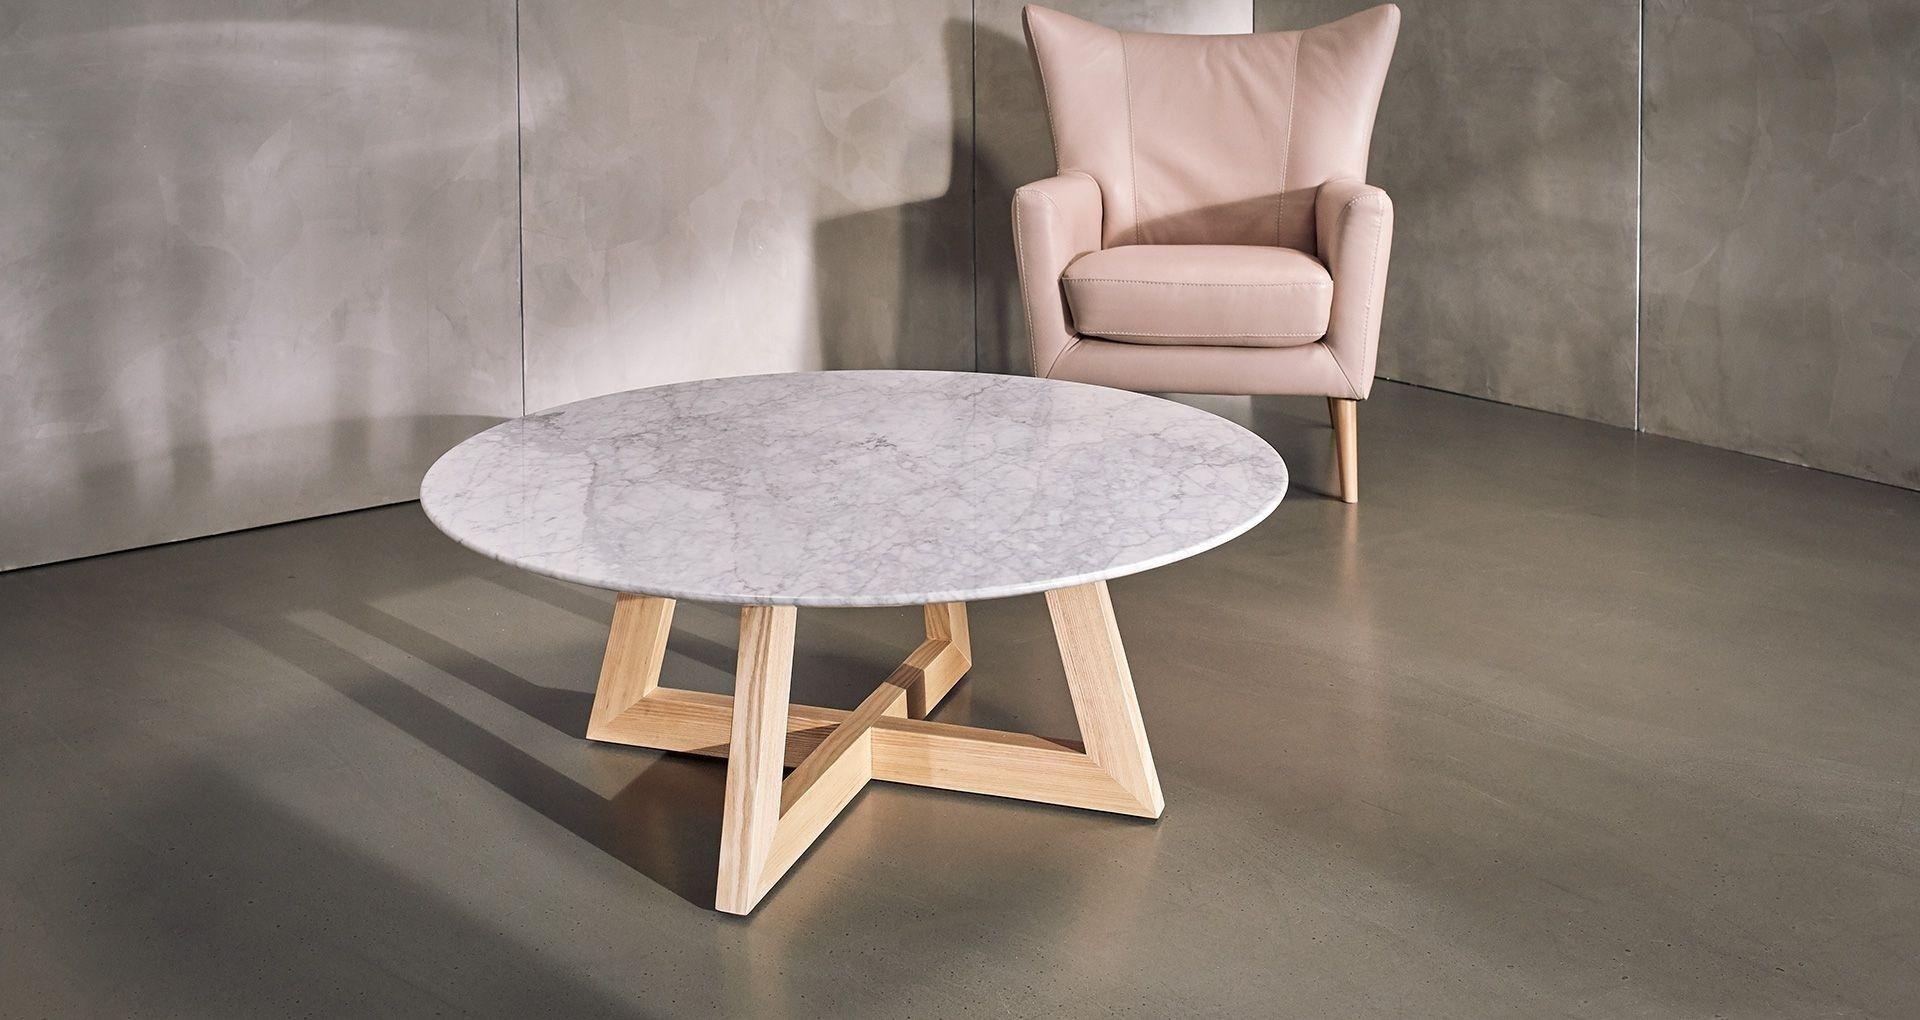 Nick Scali Marconi Coffee Table Coffee Table Table Furniture [ 1020 x 1920 Pixel ]